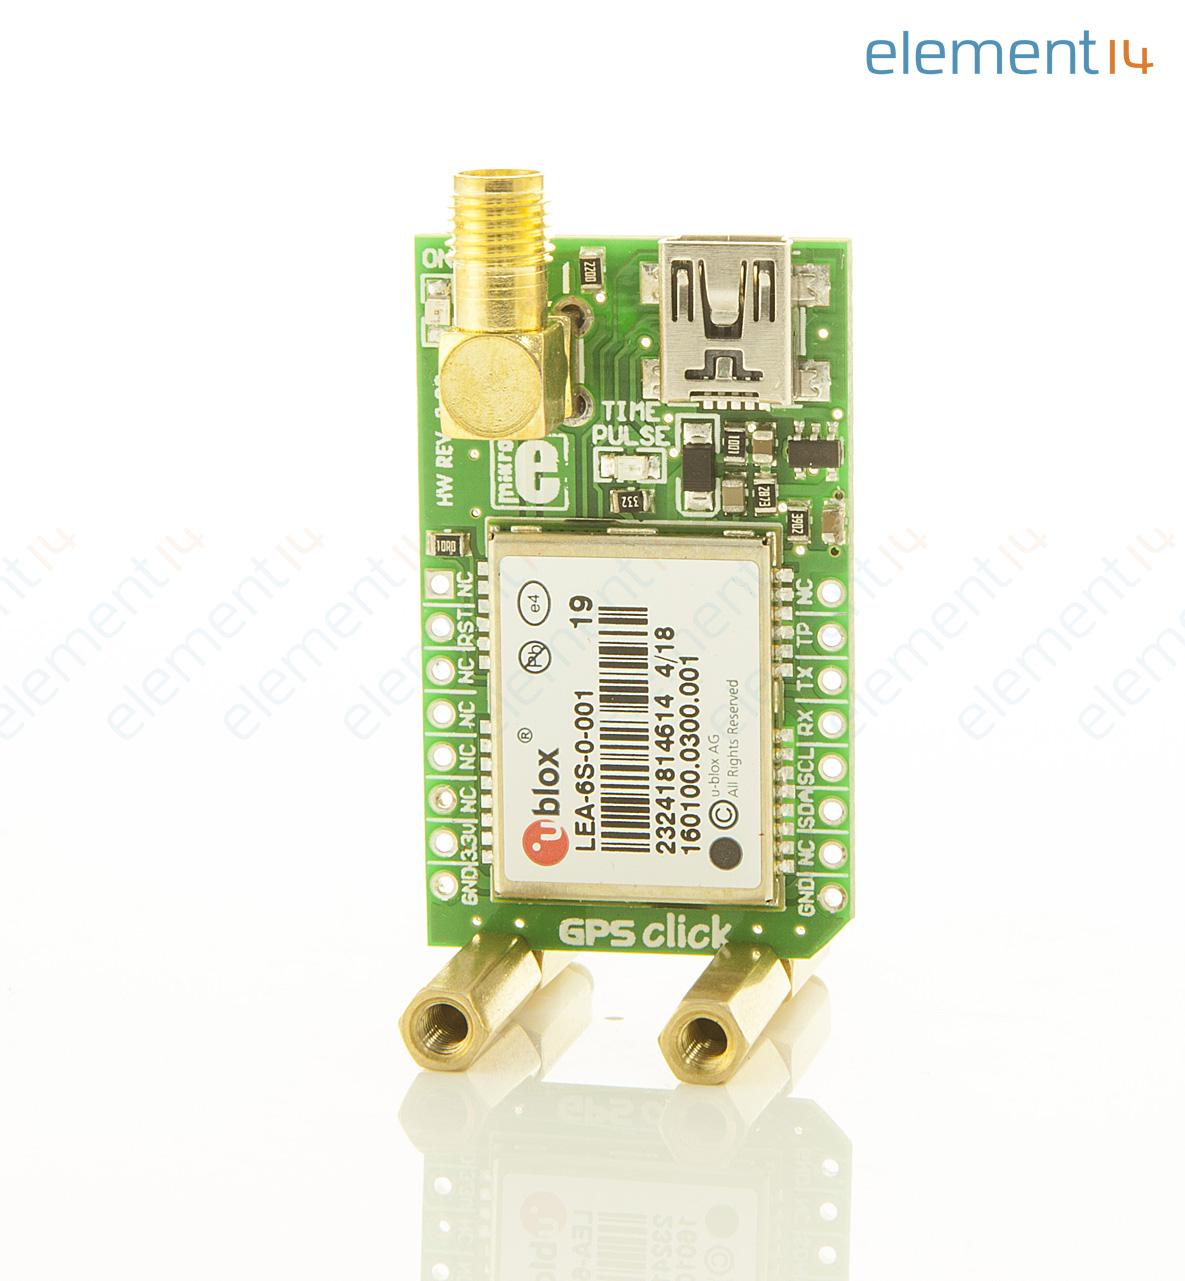 Daughter Board, GPS 2 Click, Quectel L30 GPS Module, SMA Antenna Connector,  mikroBus Form Factor